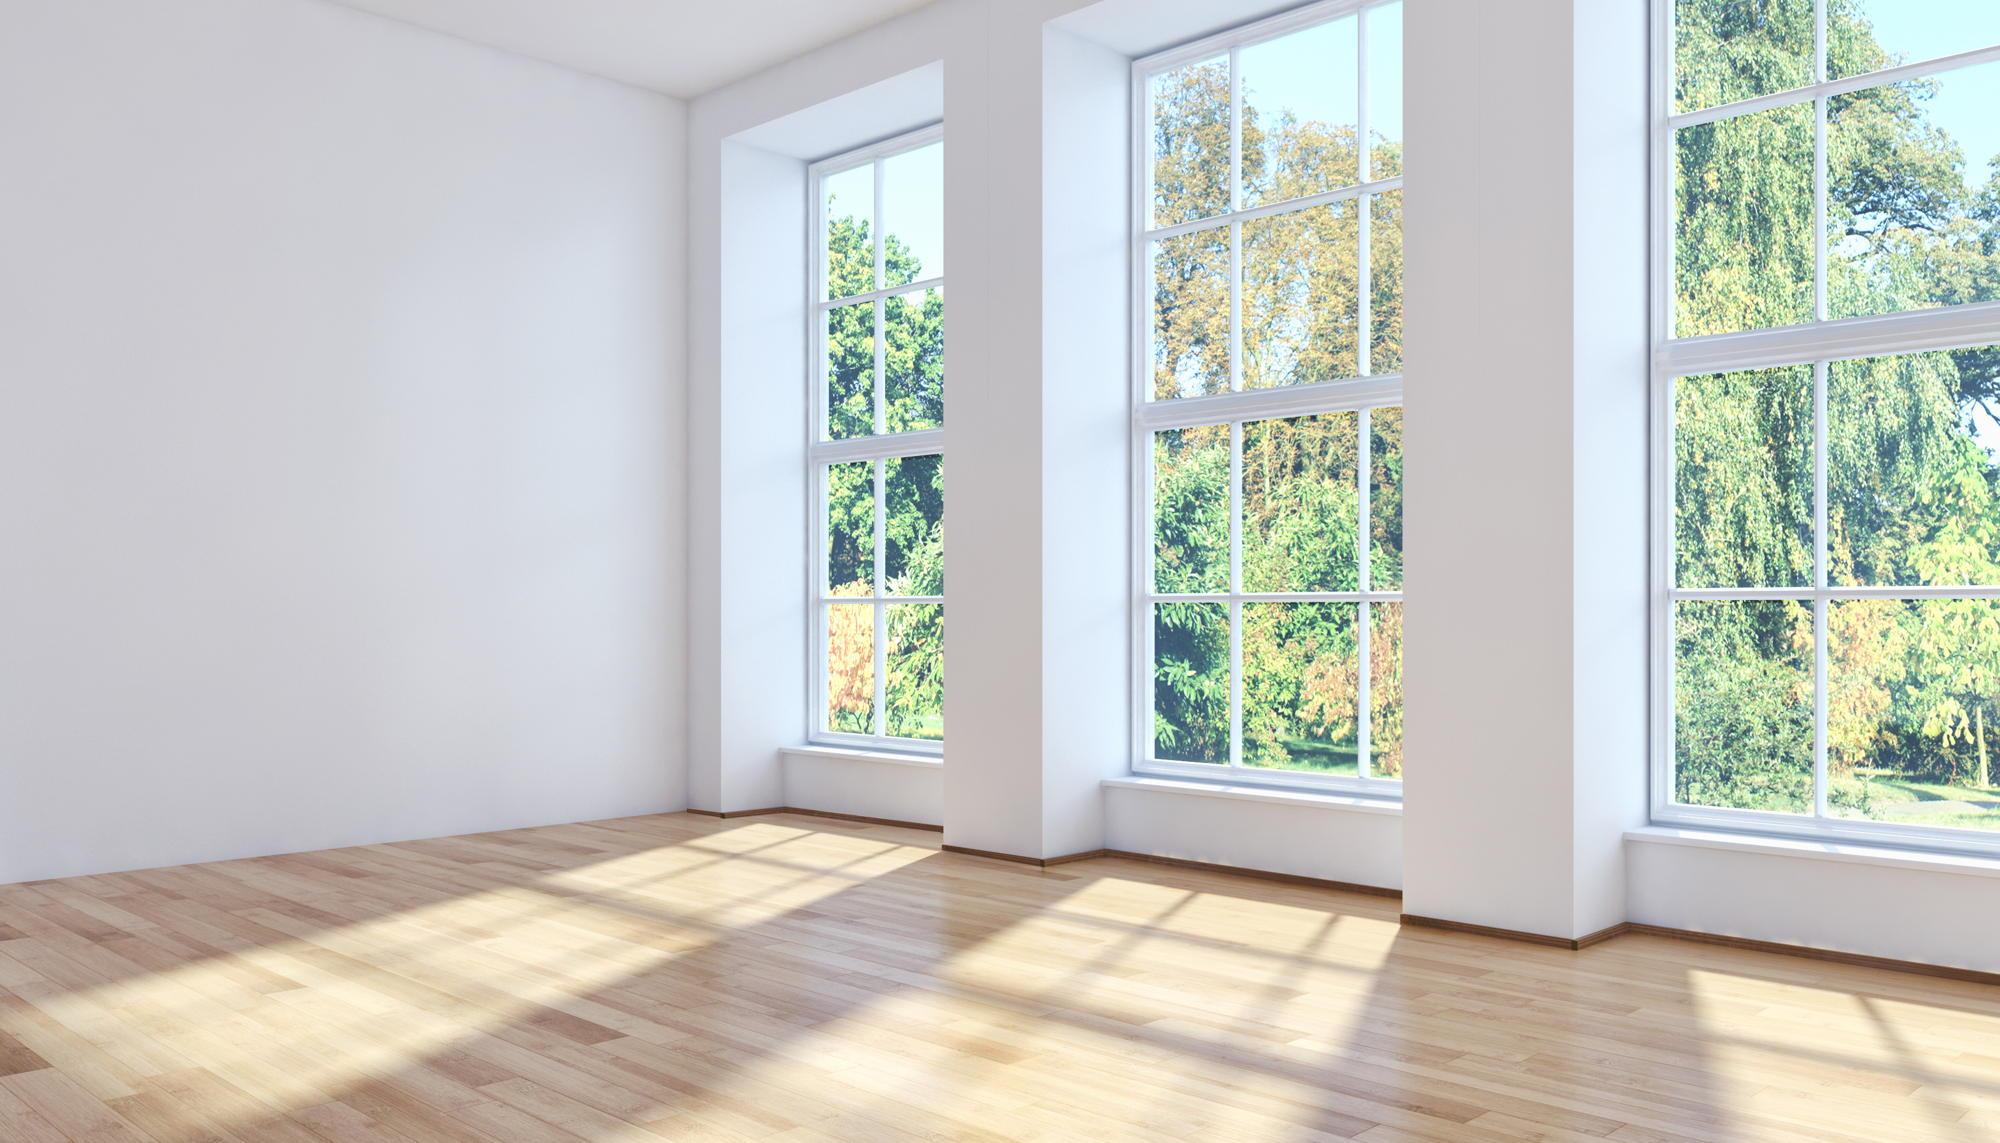 okna pcv - najwyższa jakość - Aluplast - Veka - Deco